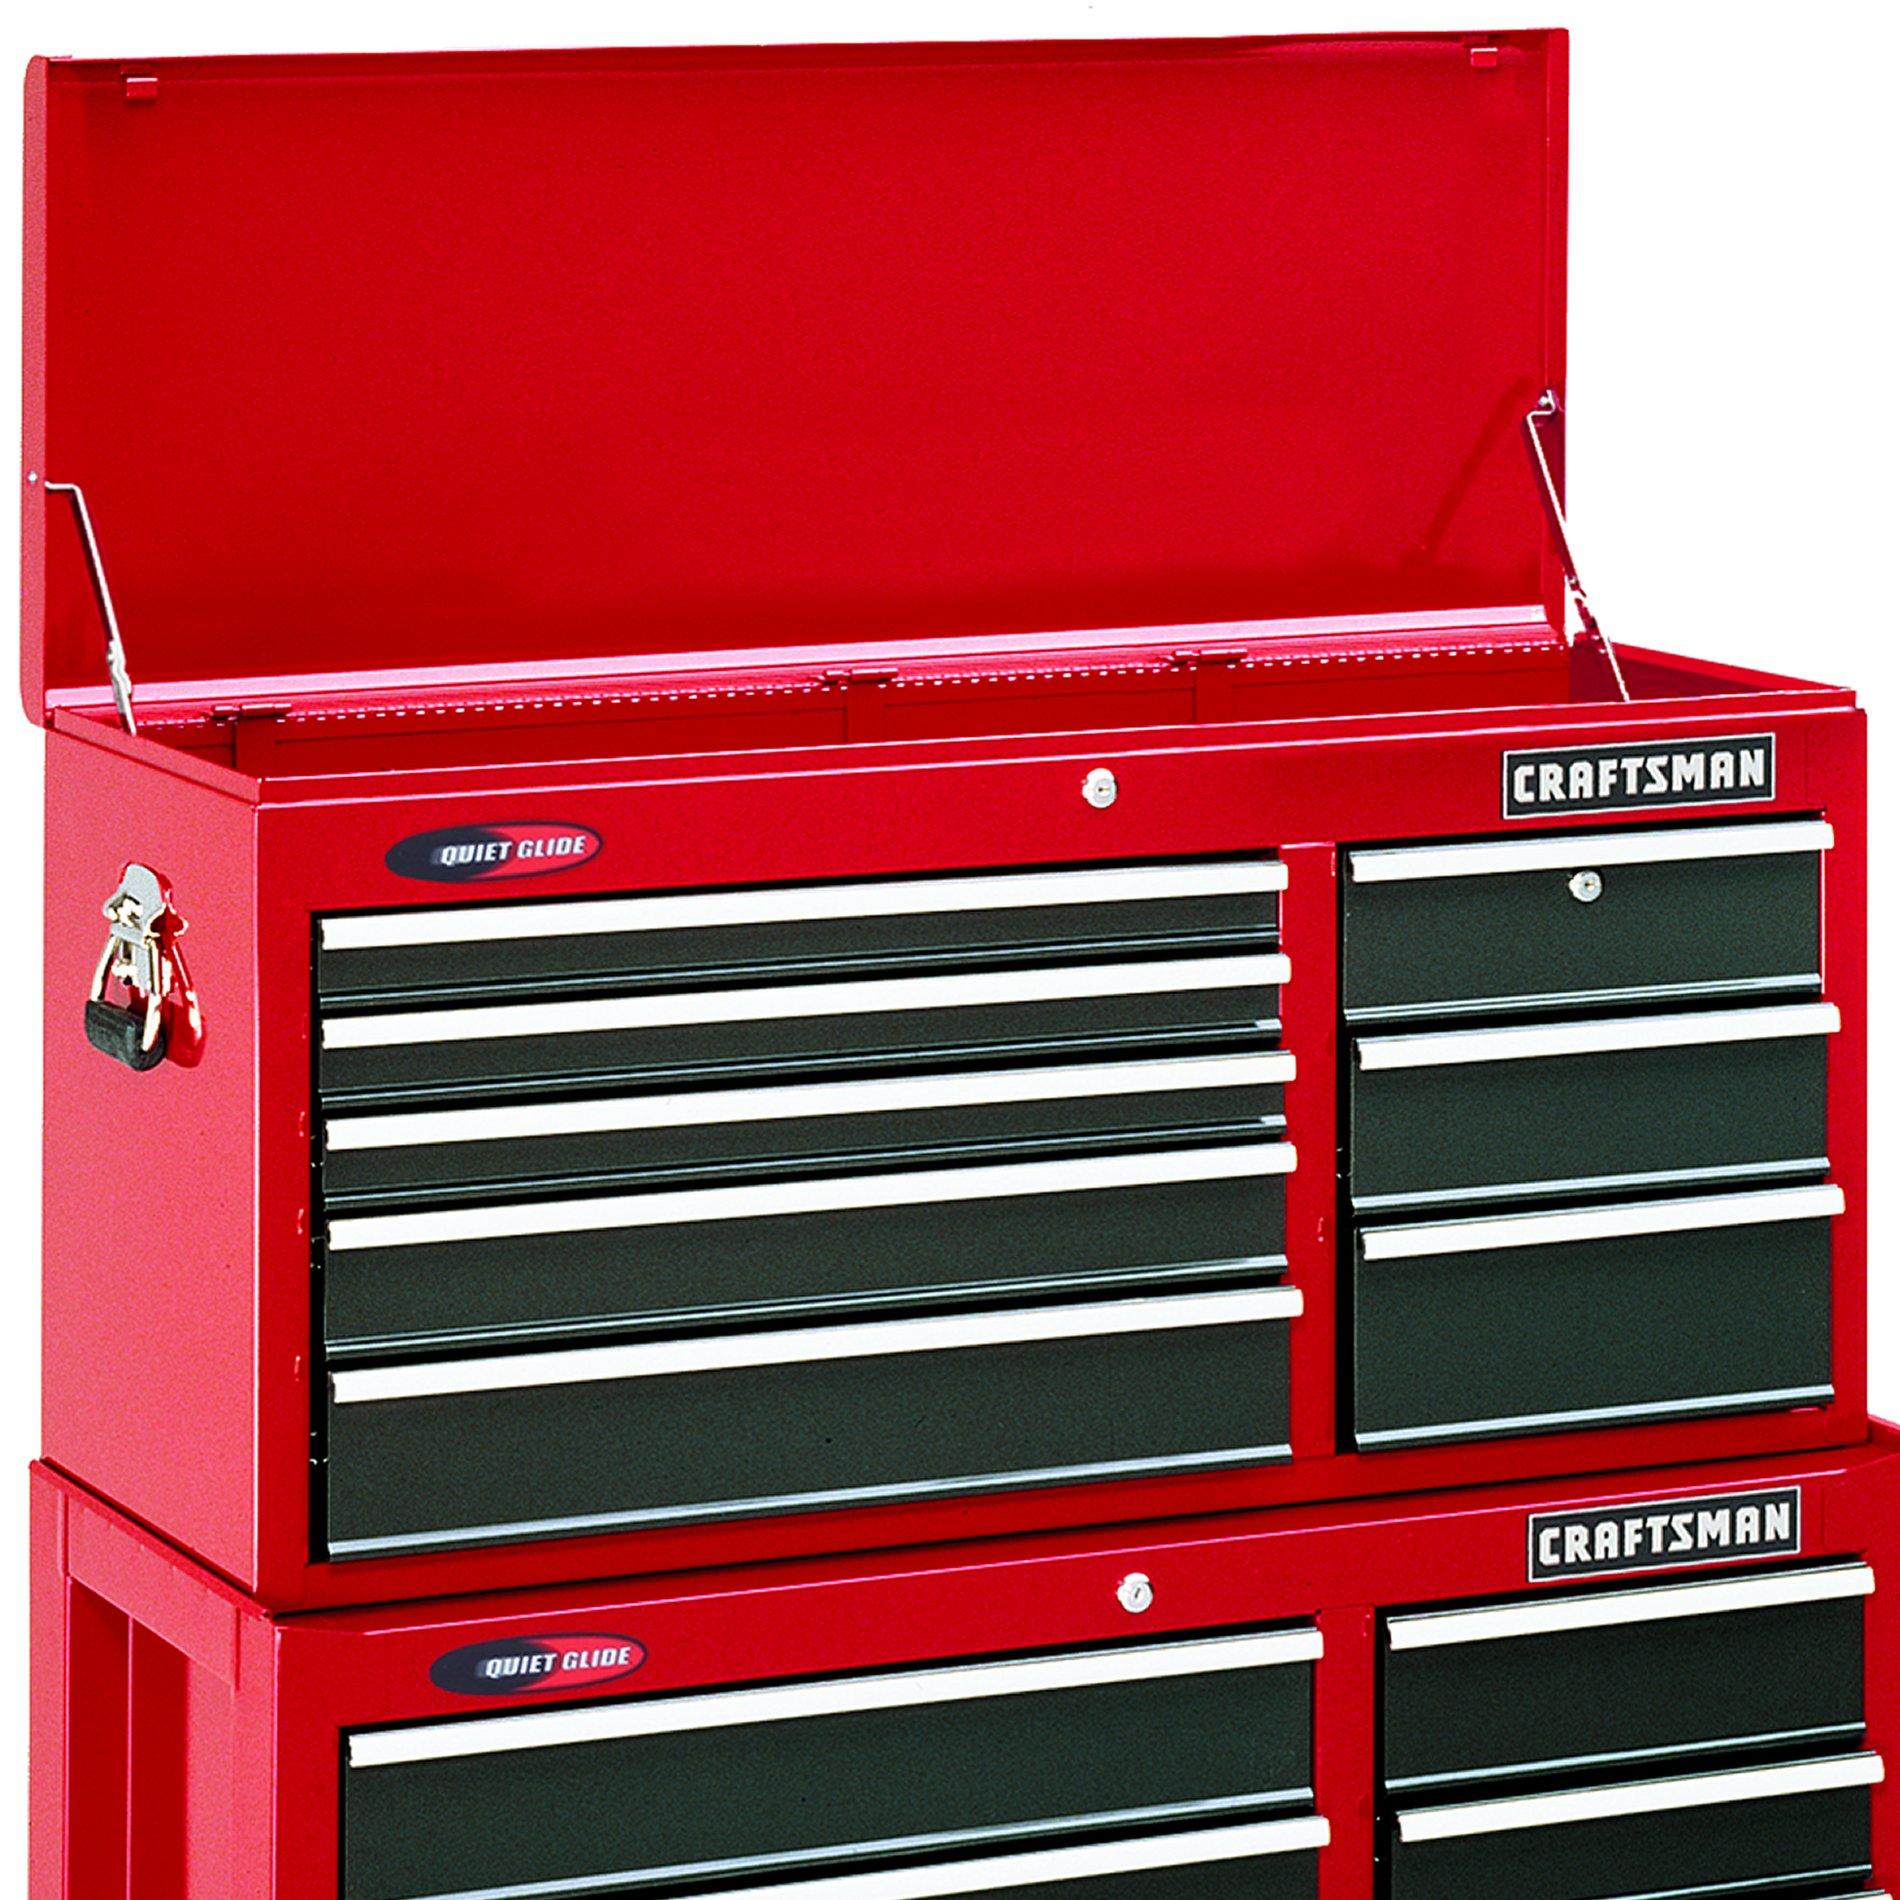 """Craftsman 40"""" Wide 8-Drawer Quiet Glide Top Chest - Red/Black"""